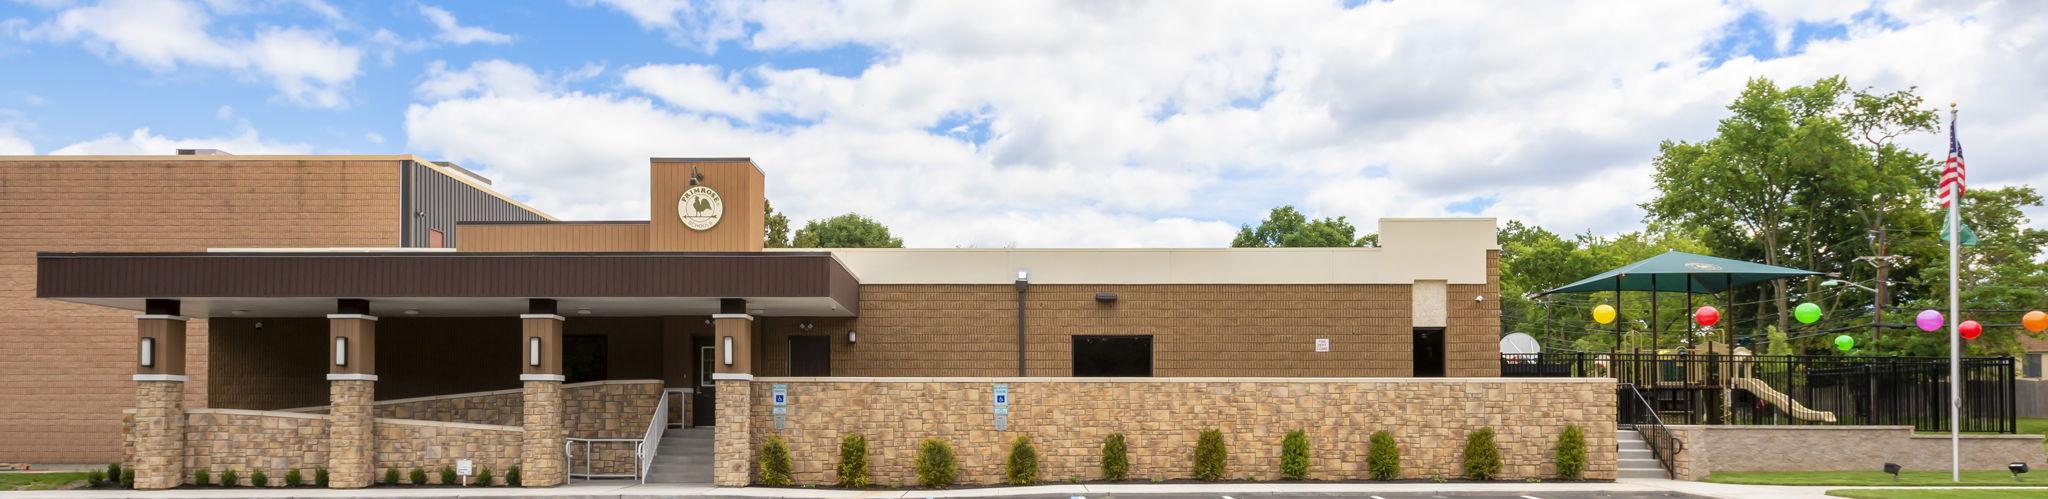 exterior of Primrose School of North Edison